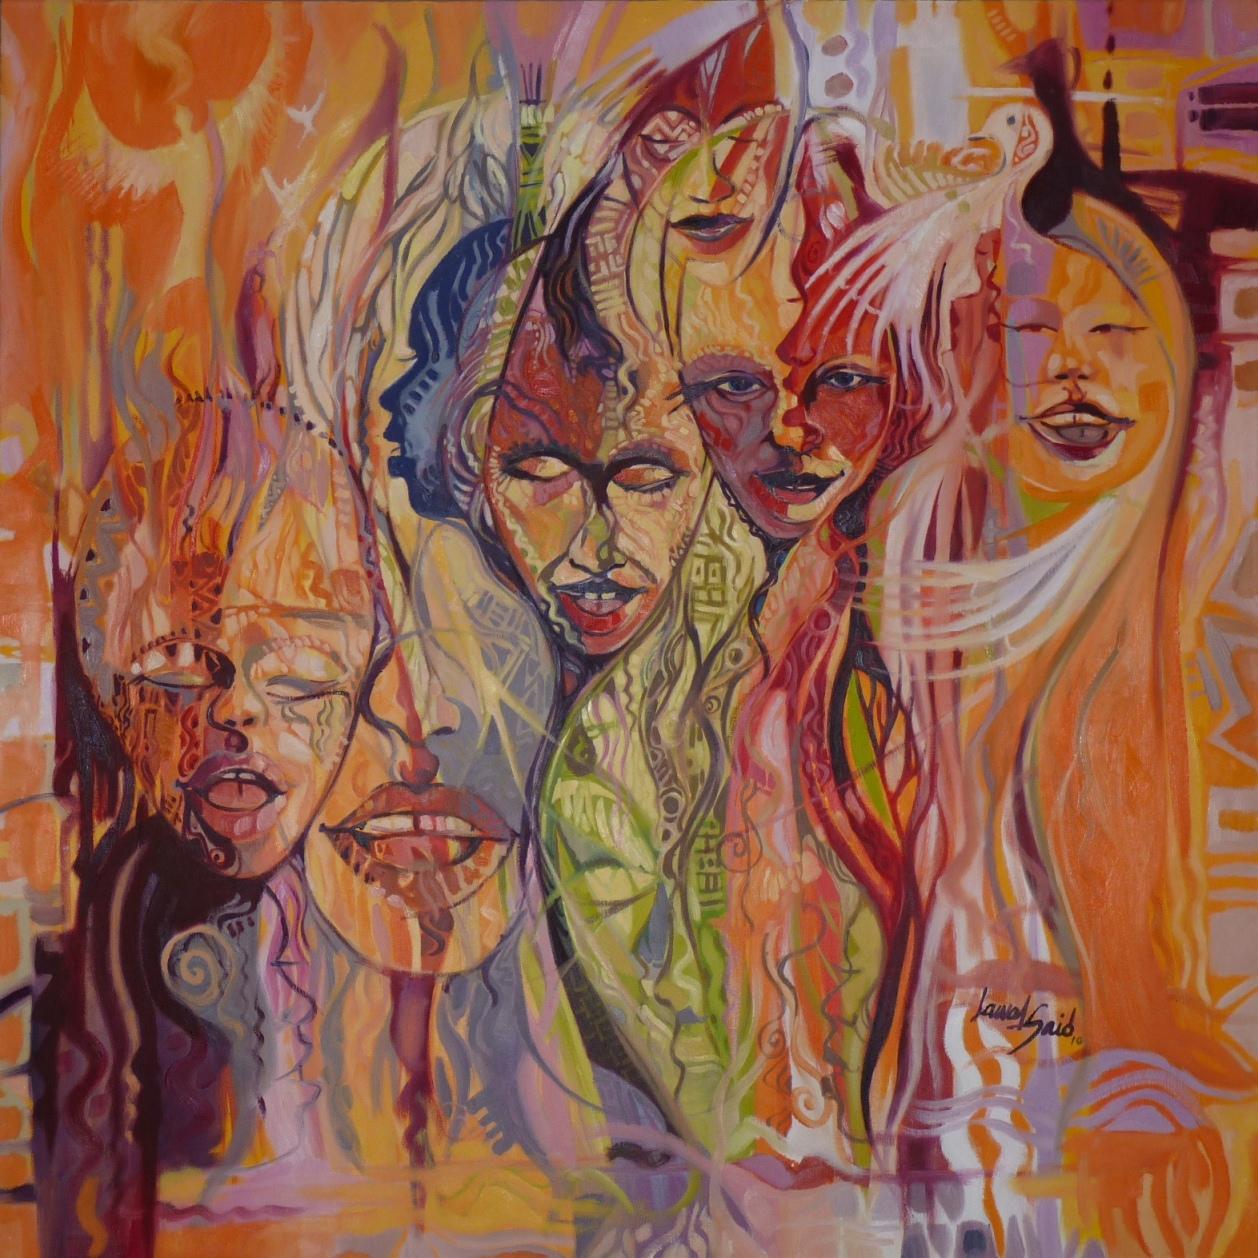 http://www.salguod.net/weblog/images/halelluia_sm.JPG